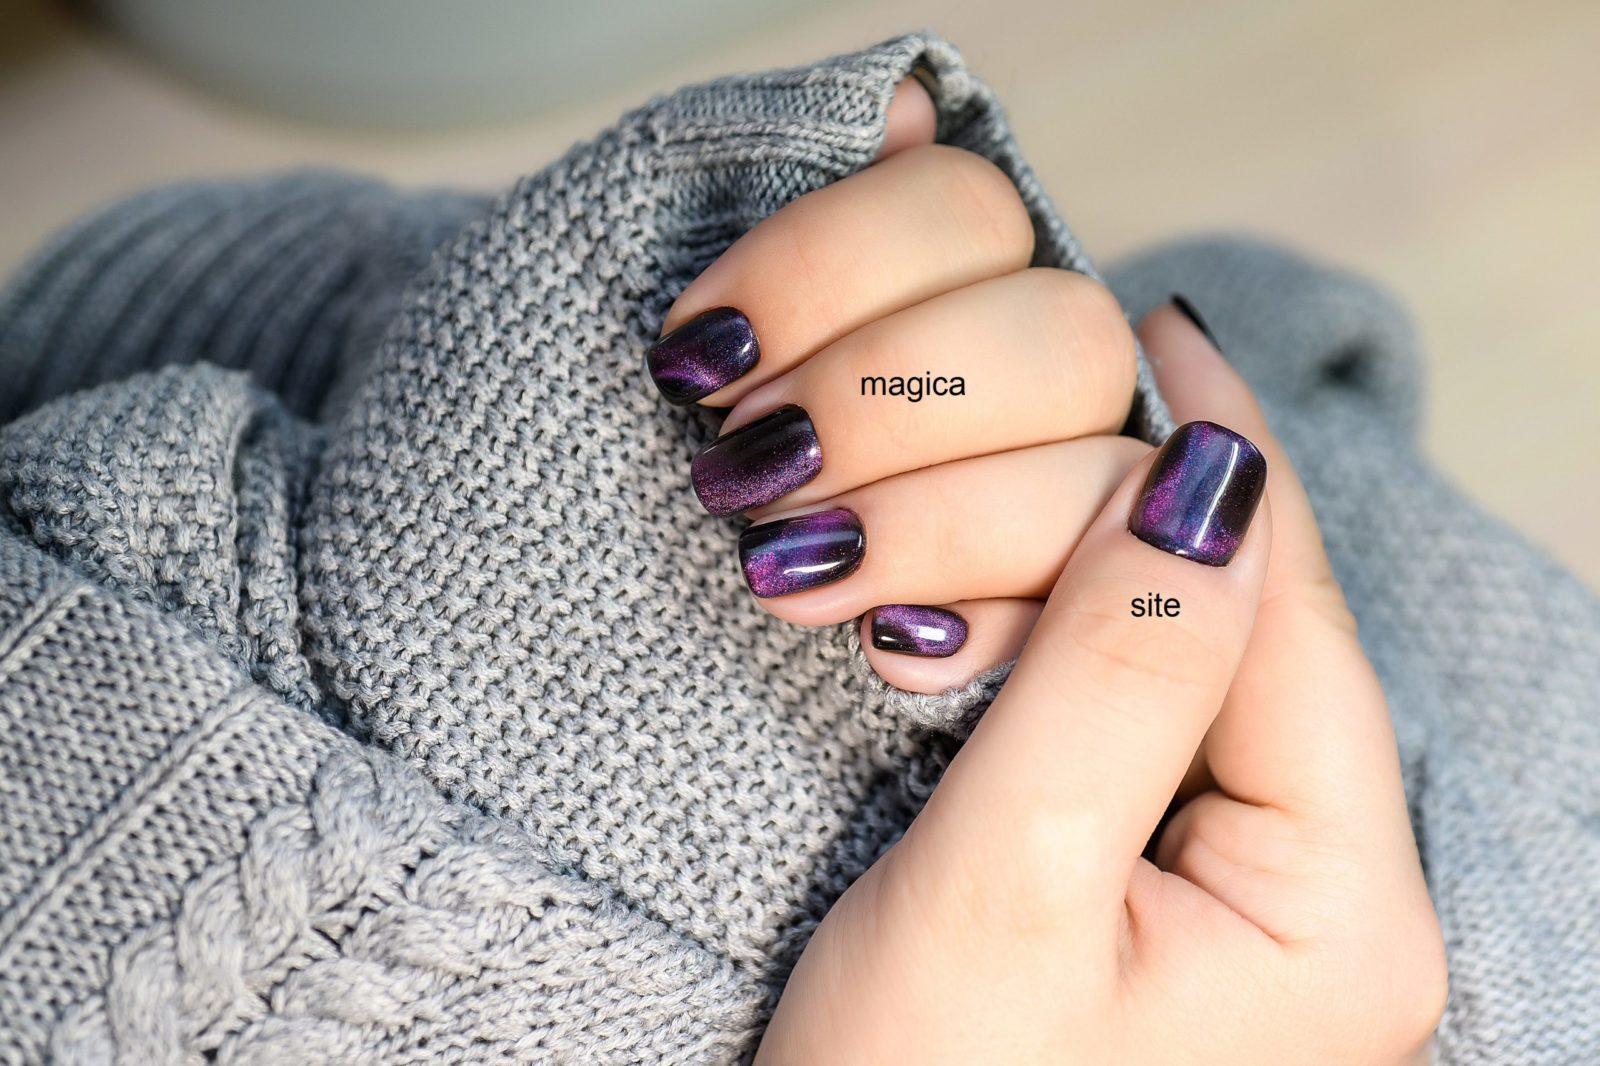 осенний маникюр, ногтевой дизайн, фиолетовые ногти, кошачий глаз, магнитный гель, галактика, блестящие ногти, маникюр 2020, галактический маникюр, серый свитер